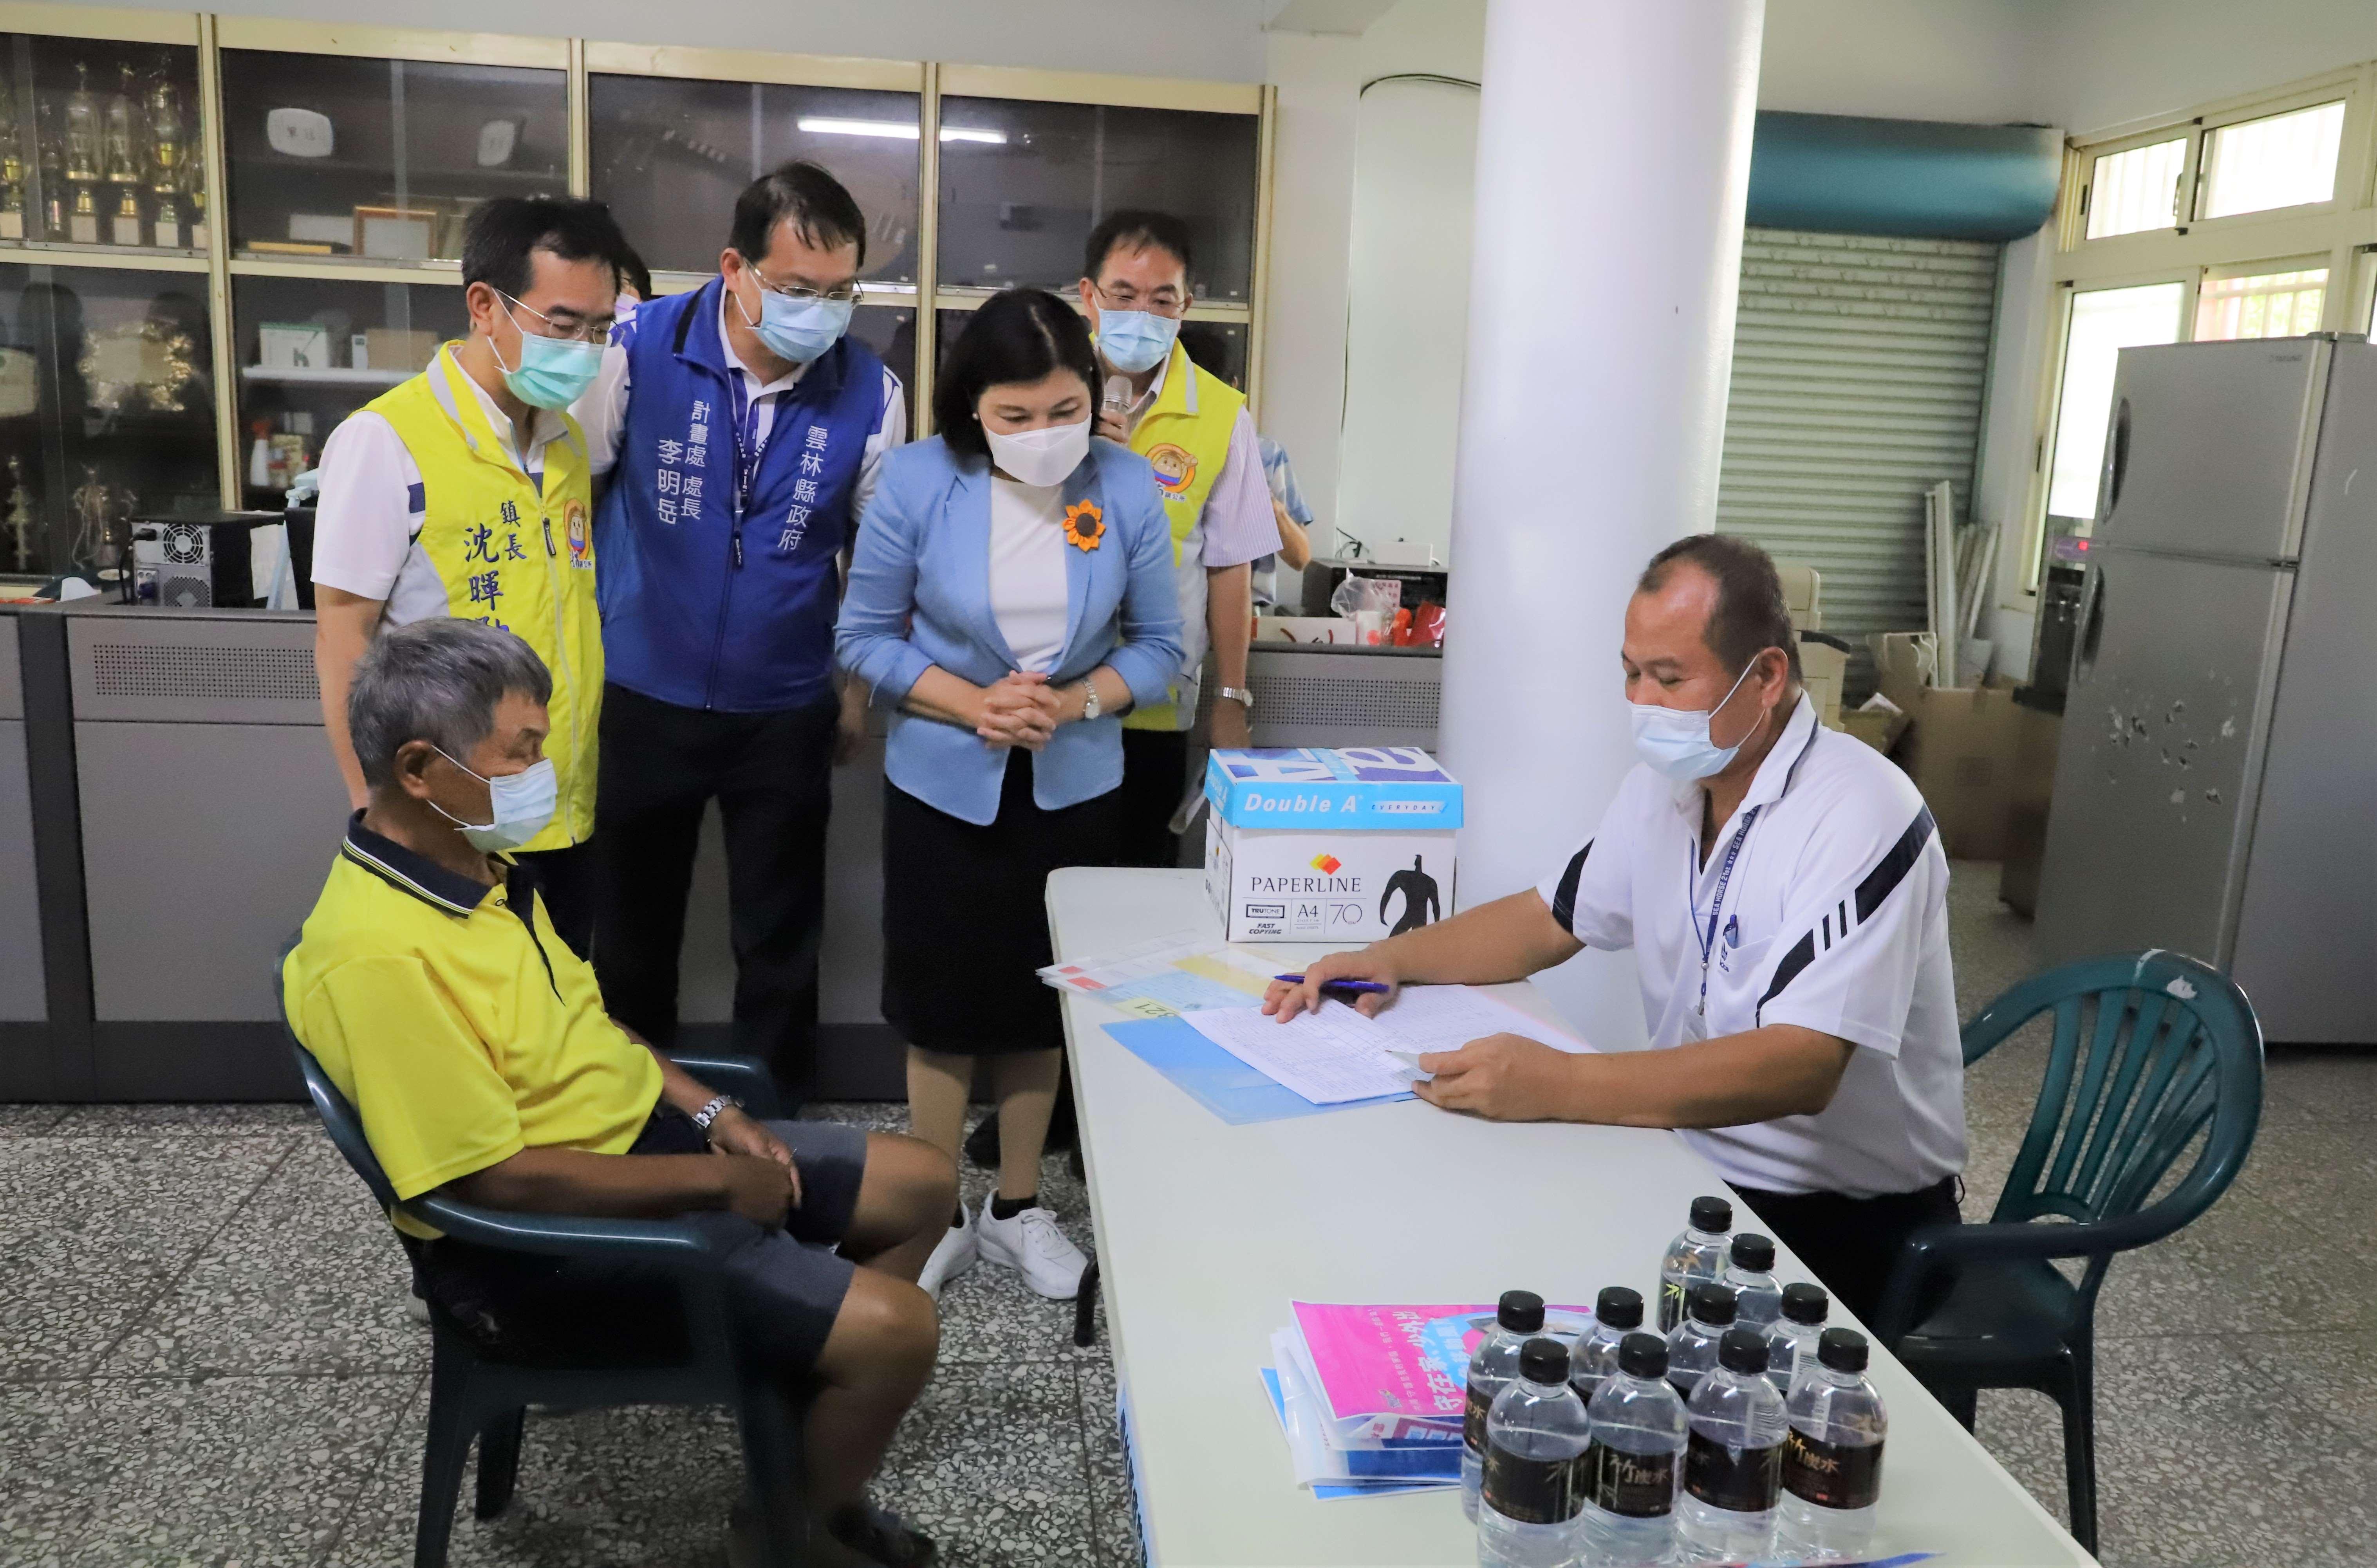 張縣長至斗南鎮新光里視察疫苗服務團協助長輩登記情形。